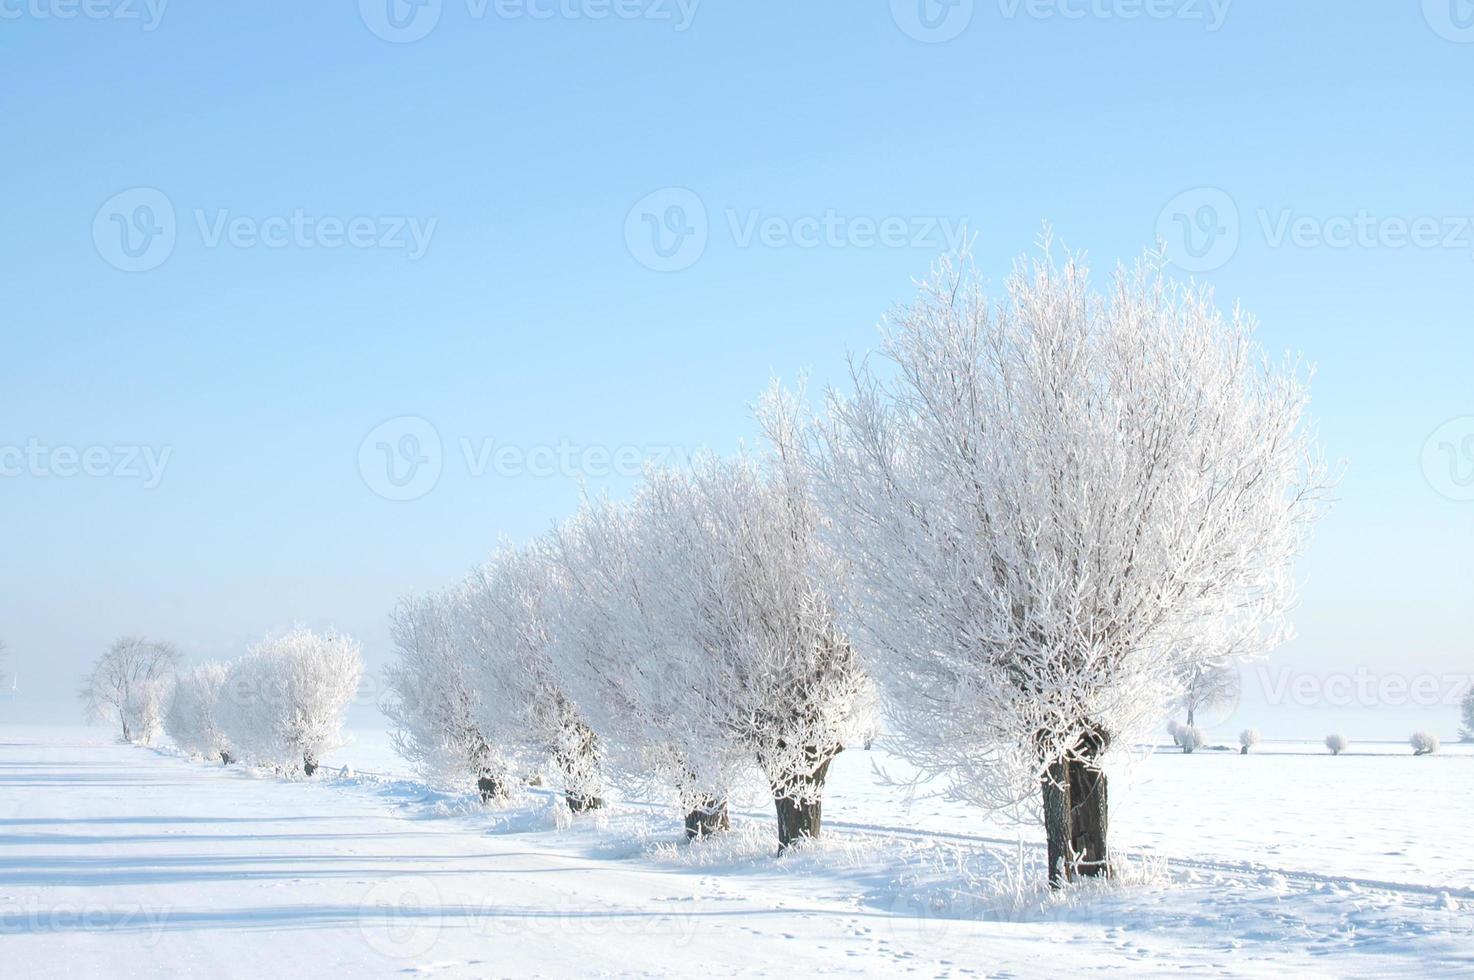 saules en hiver photo